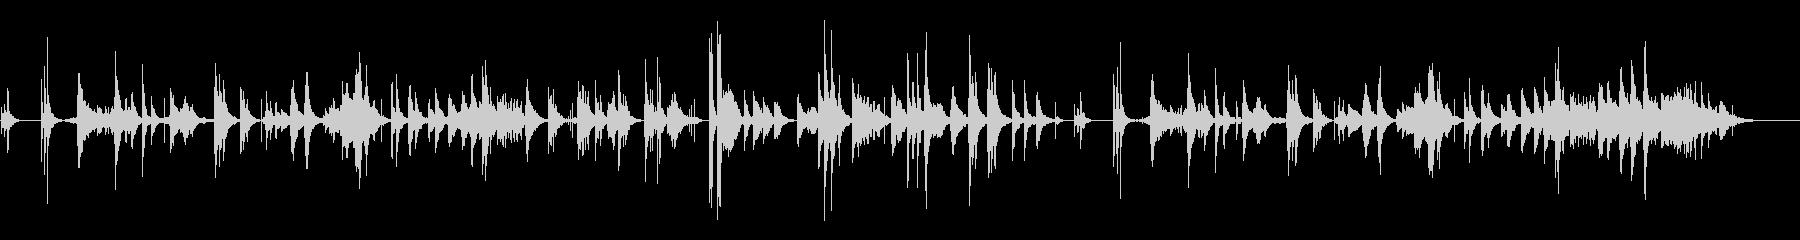 ゆらぎのα波サウンドの未再生の波形